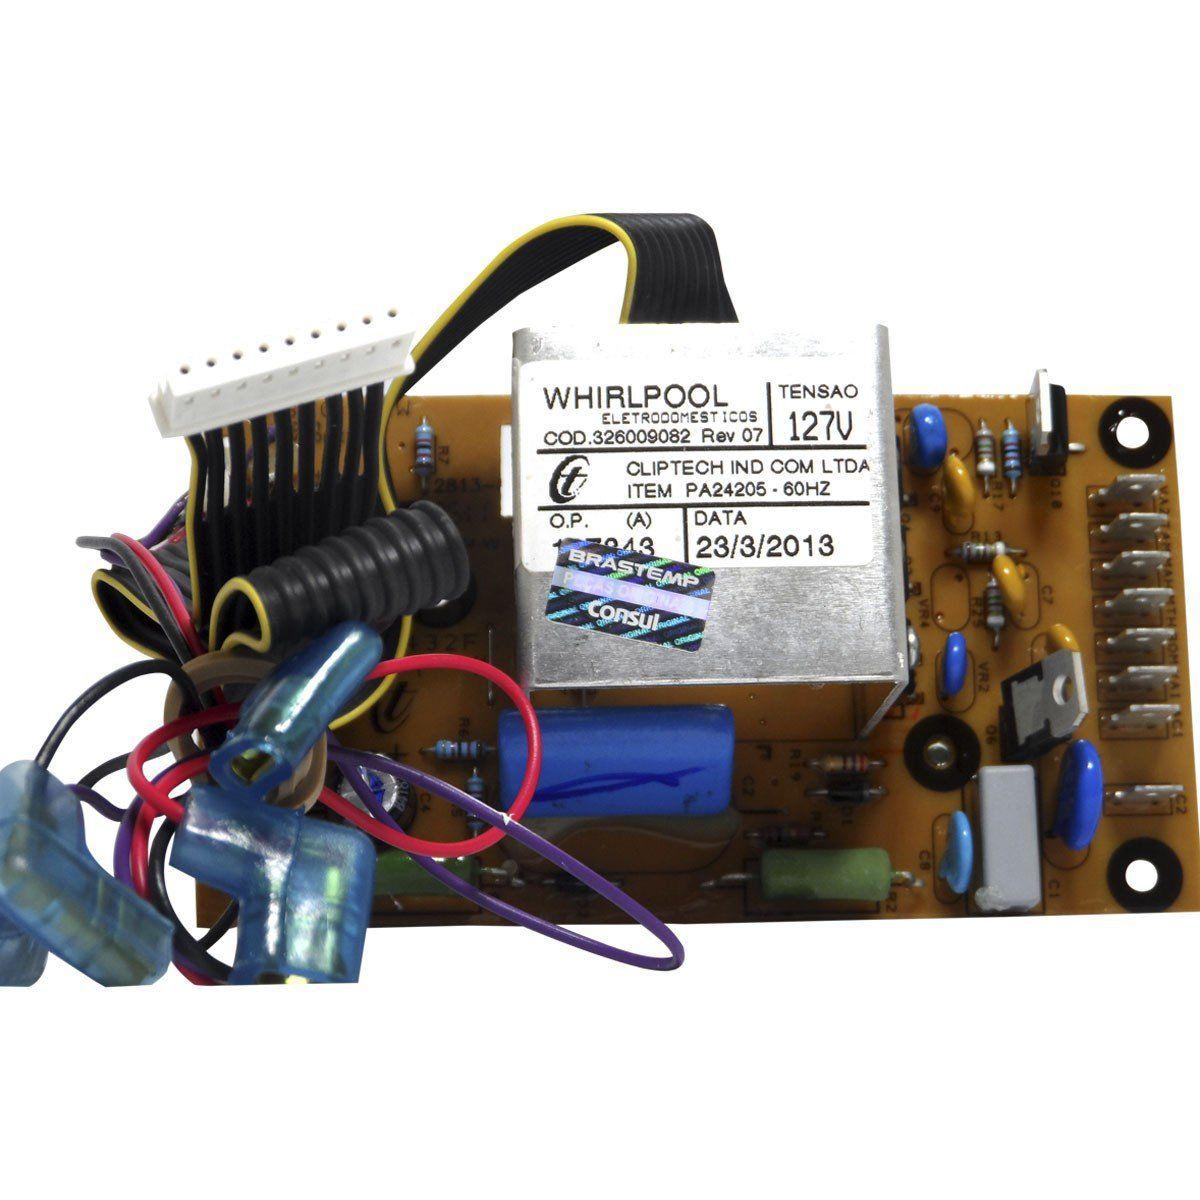 Timer Eletrônica Lavadora Brastemp 127V 326009080